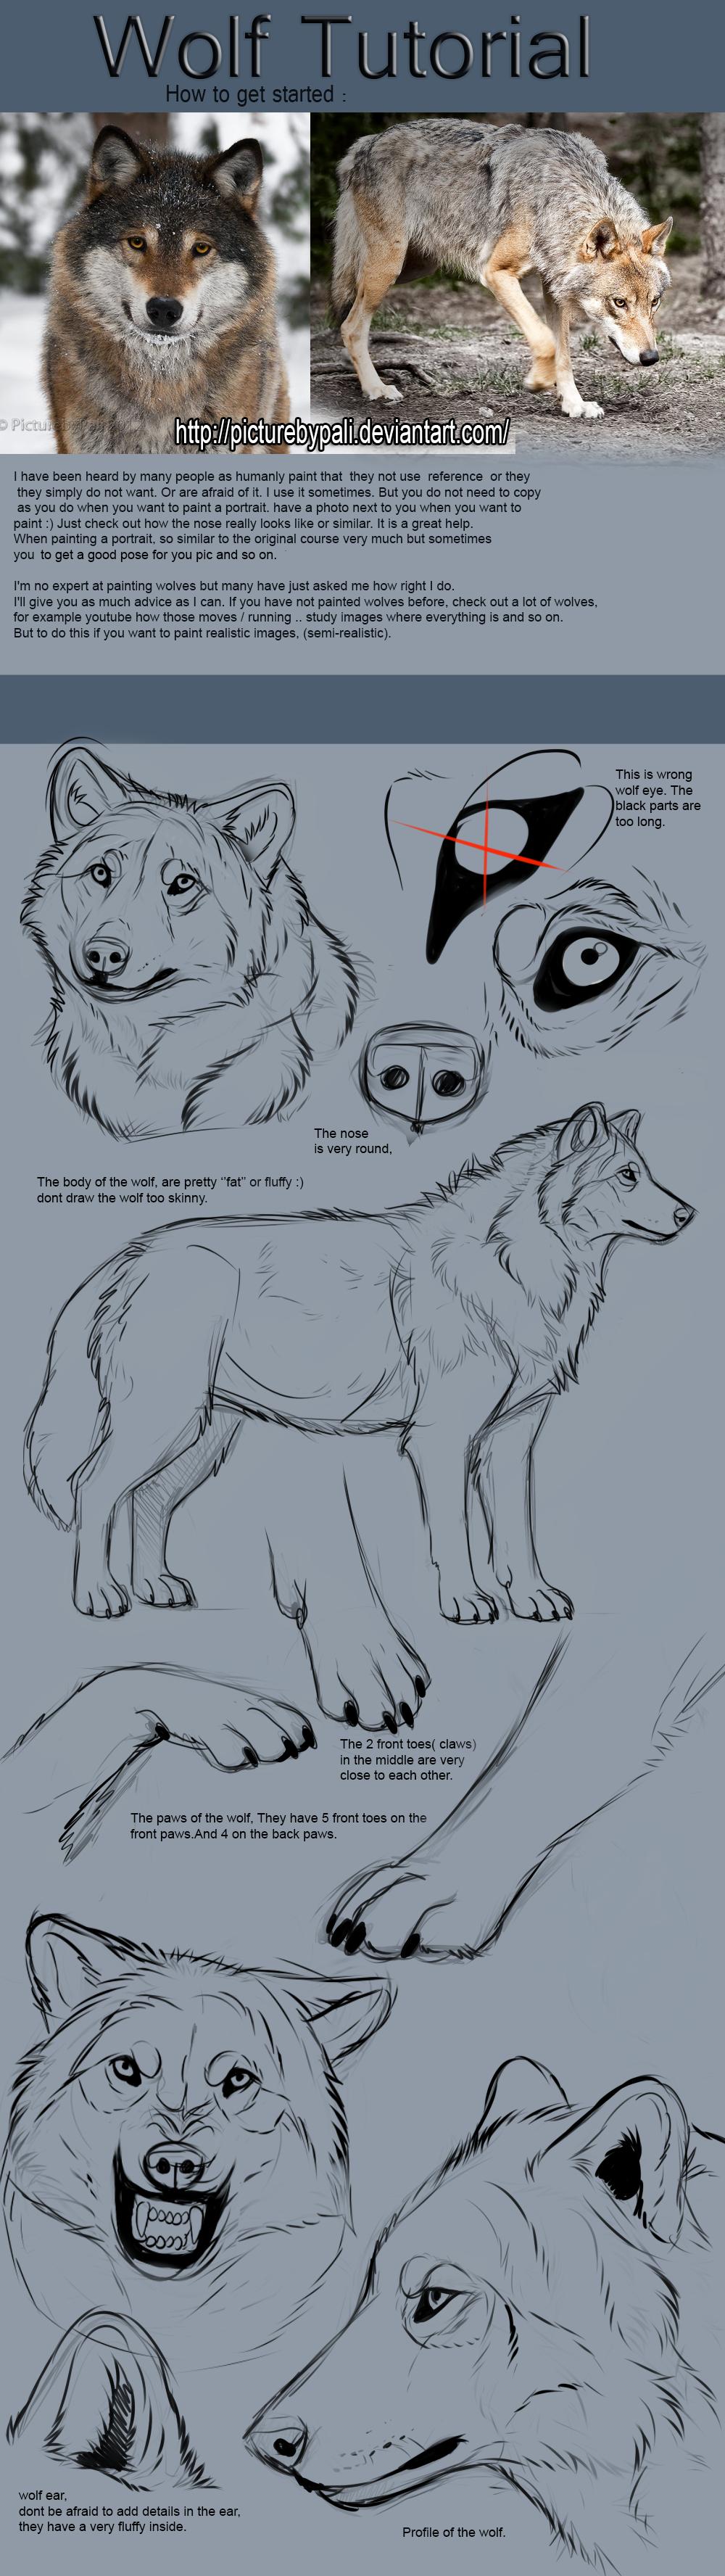 http://fc03.deviantart.net/fs71/f/2013/202/c/f/wolf_tutorial_by_themysticwolf-d61lwki.png